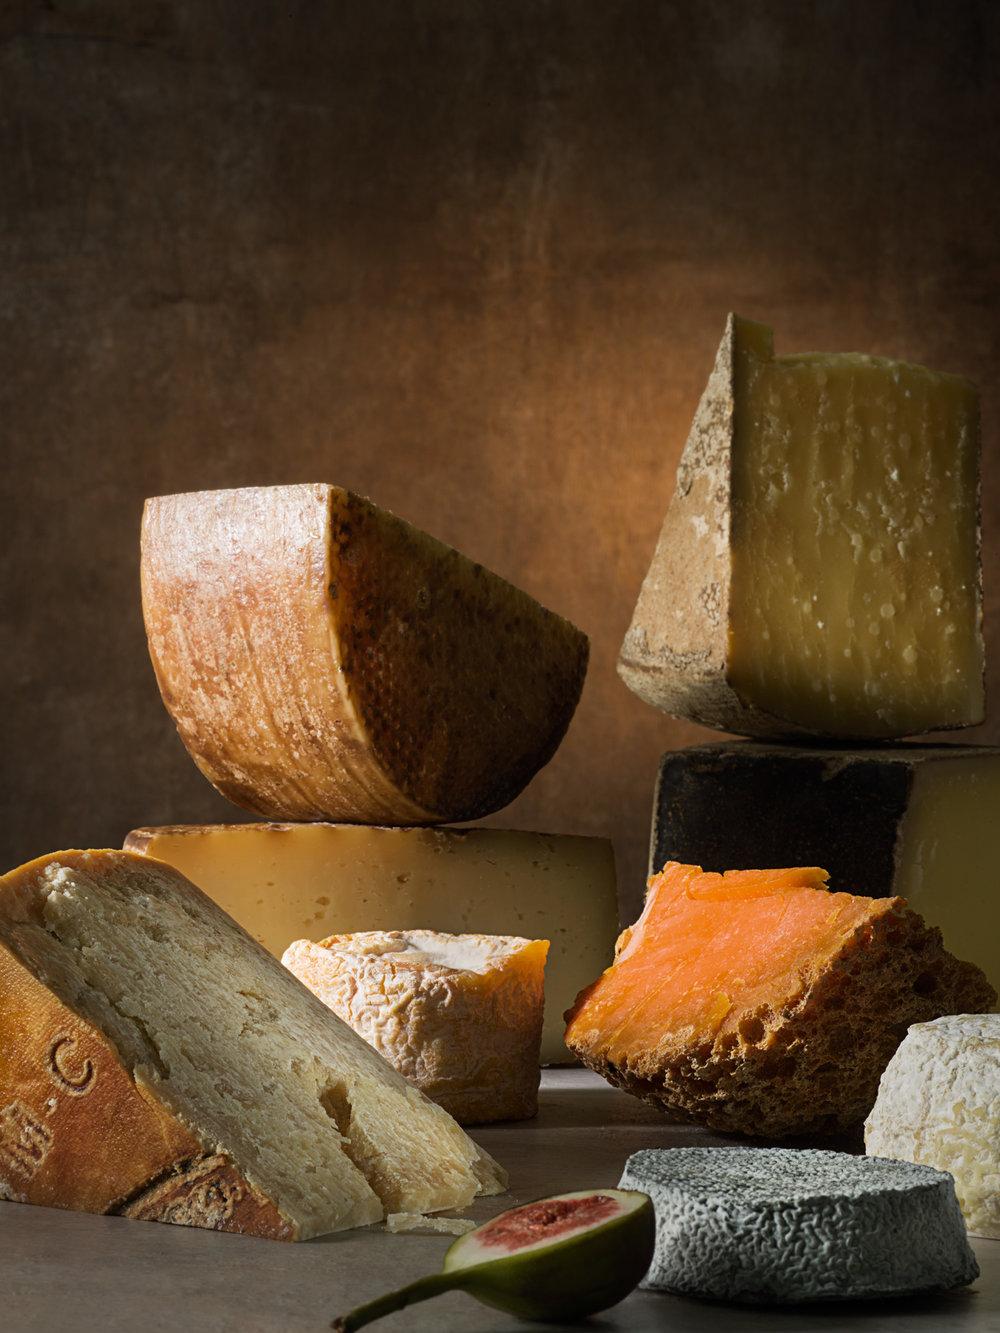 DePoenk_DWI_Cheese.jpg